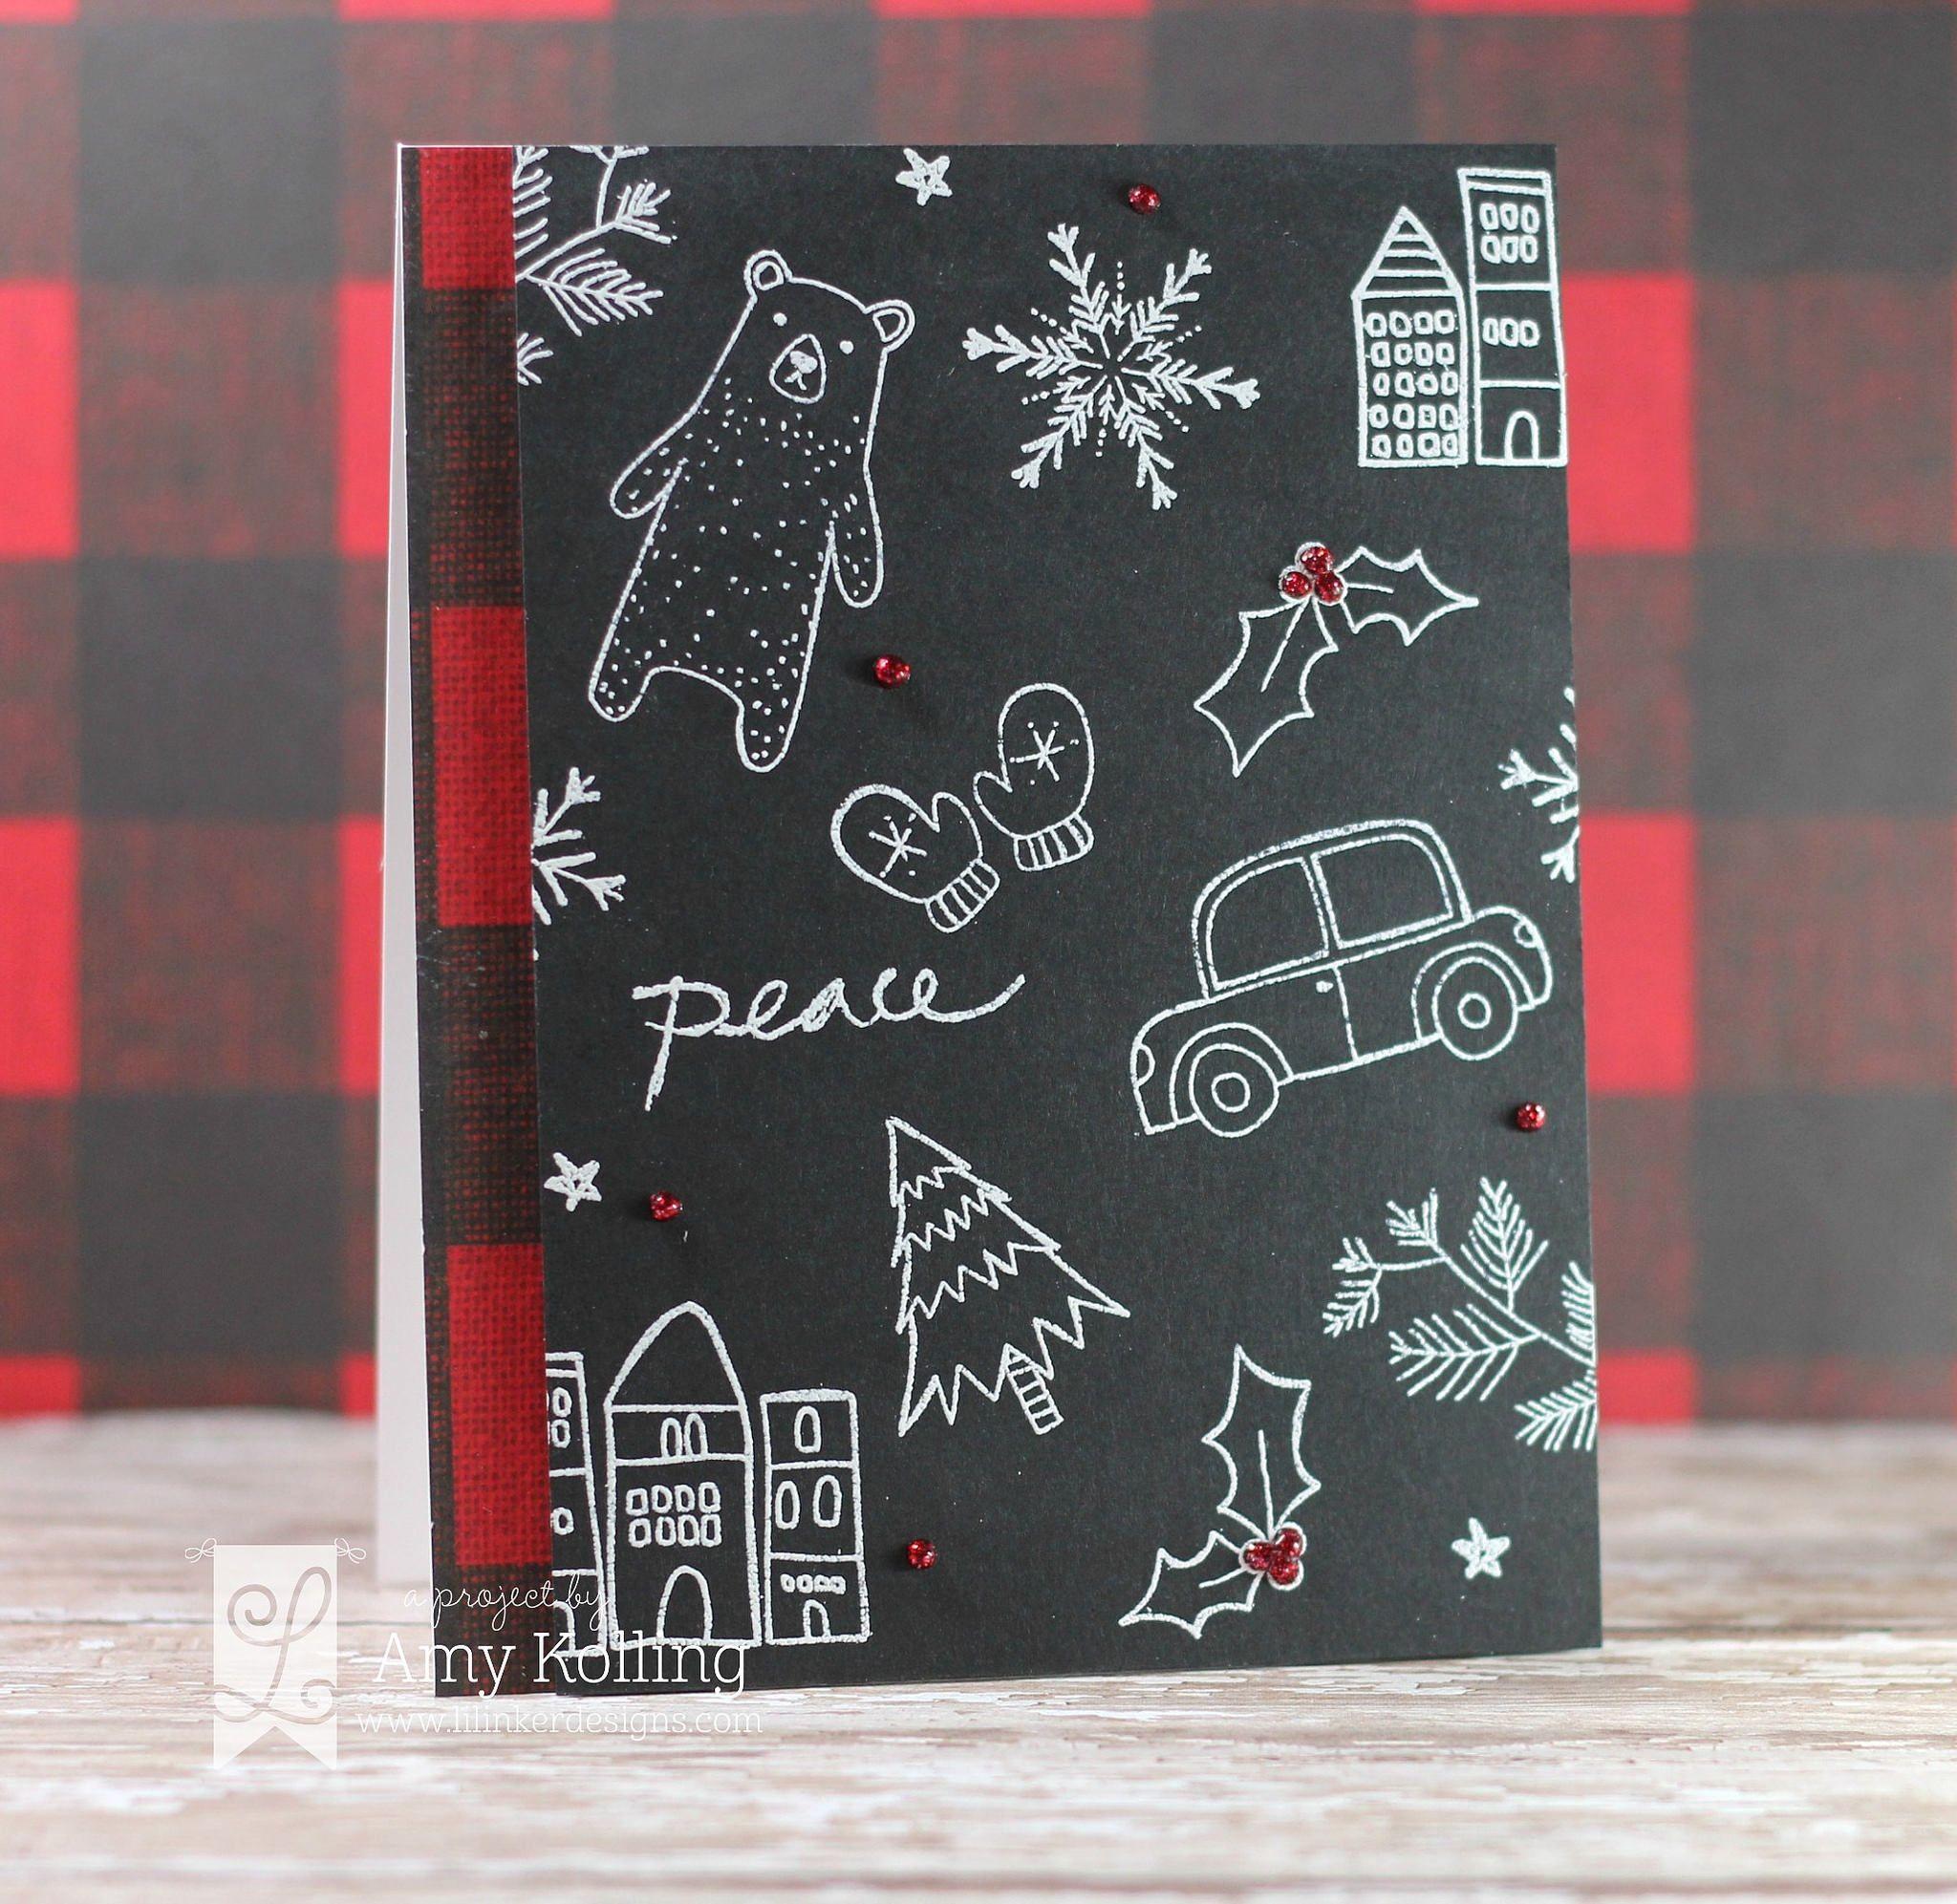 Calendario Imprimir Octubre Más Populares Amy Rusticchristmas Christmas Pinterest Of Calendario Imprimir Octubre Más Actual Calendario 2019 Agosto Calendario Mensual Moderno De Estilo Minimal